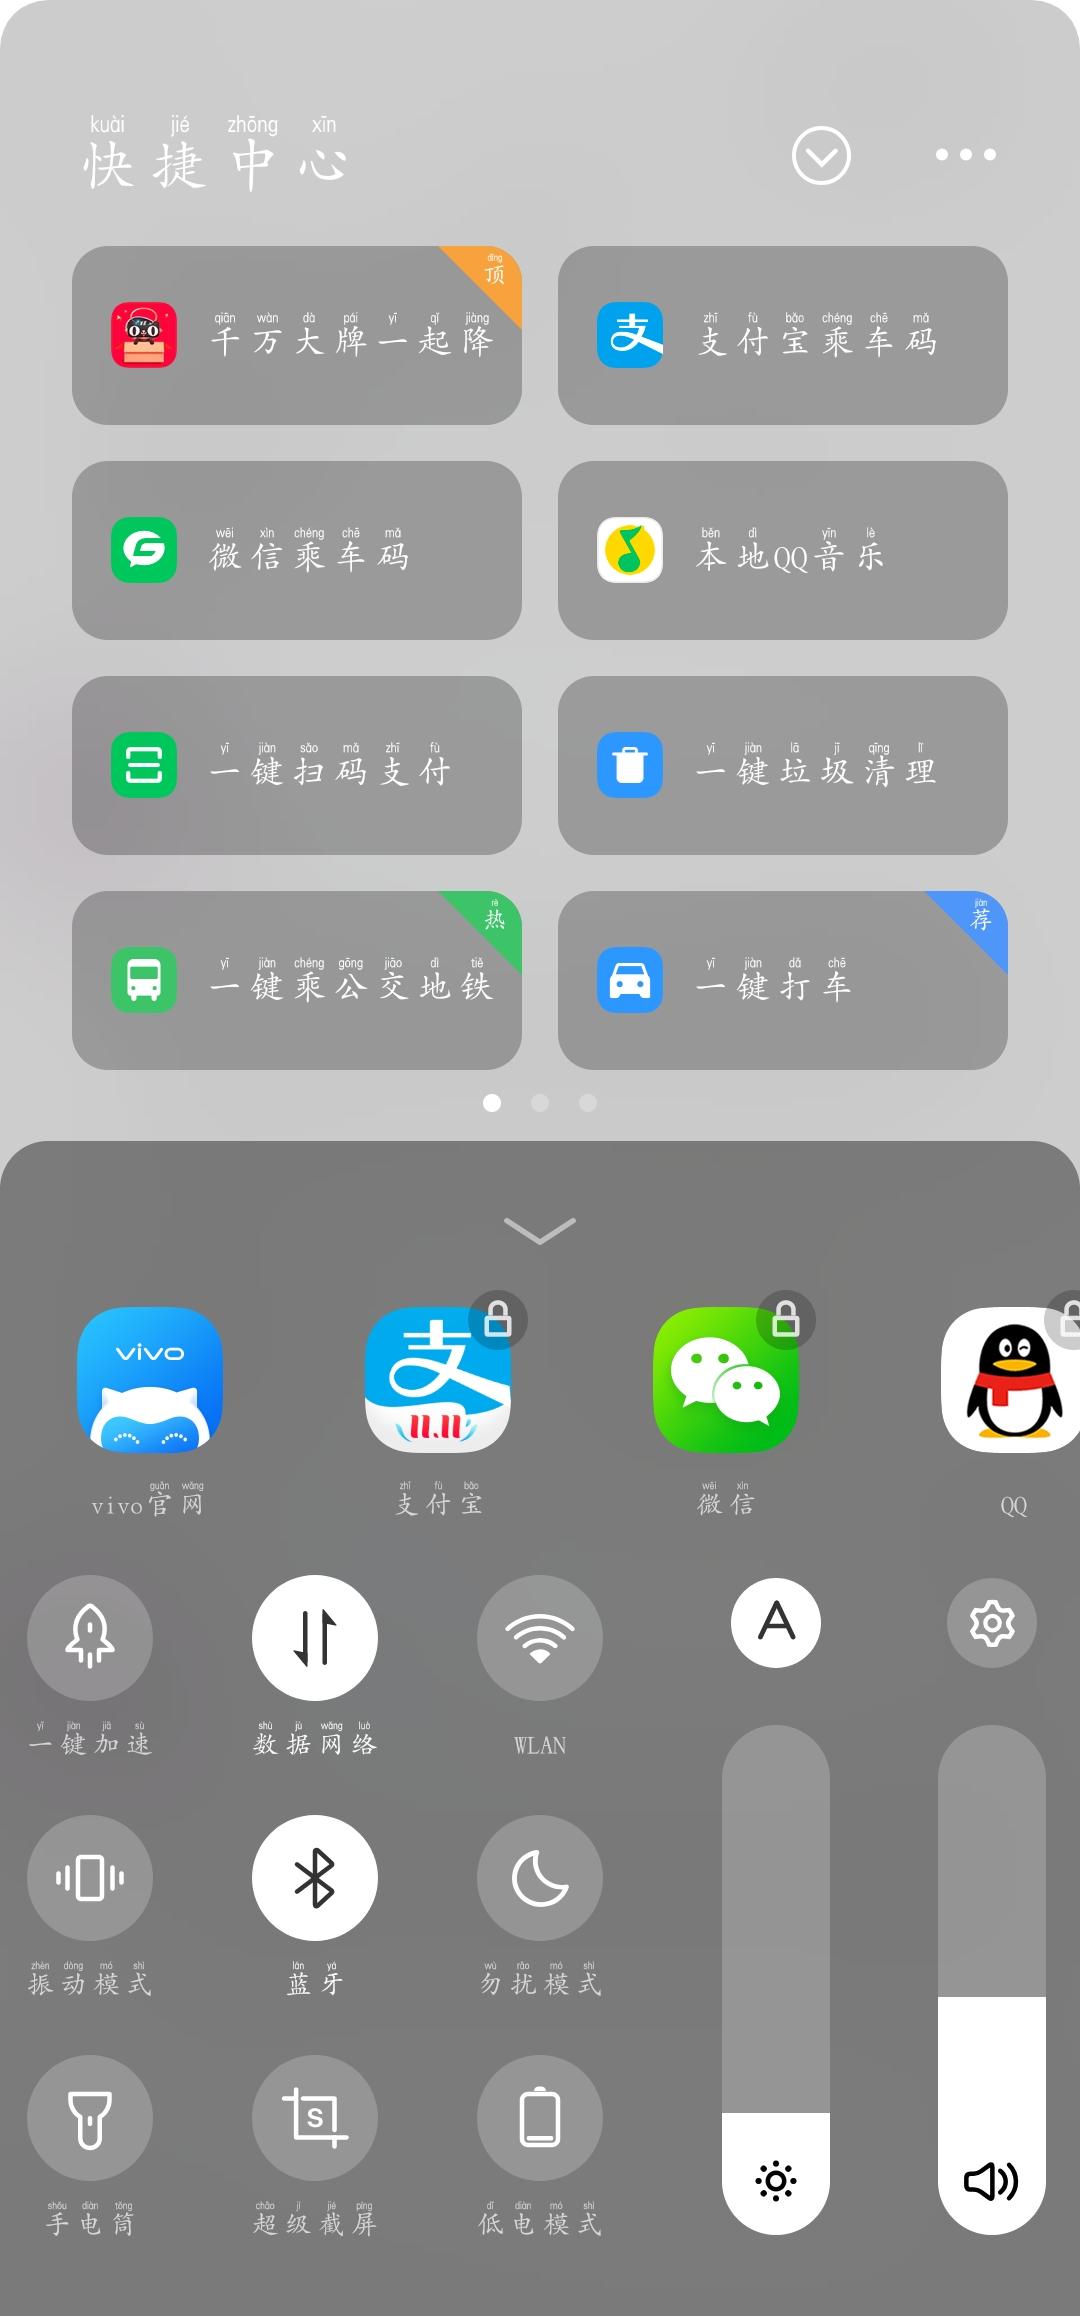 Screenshot_20191111_135045.jpg